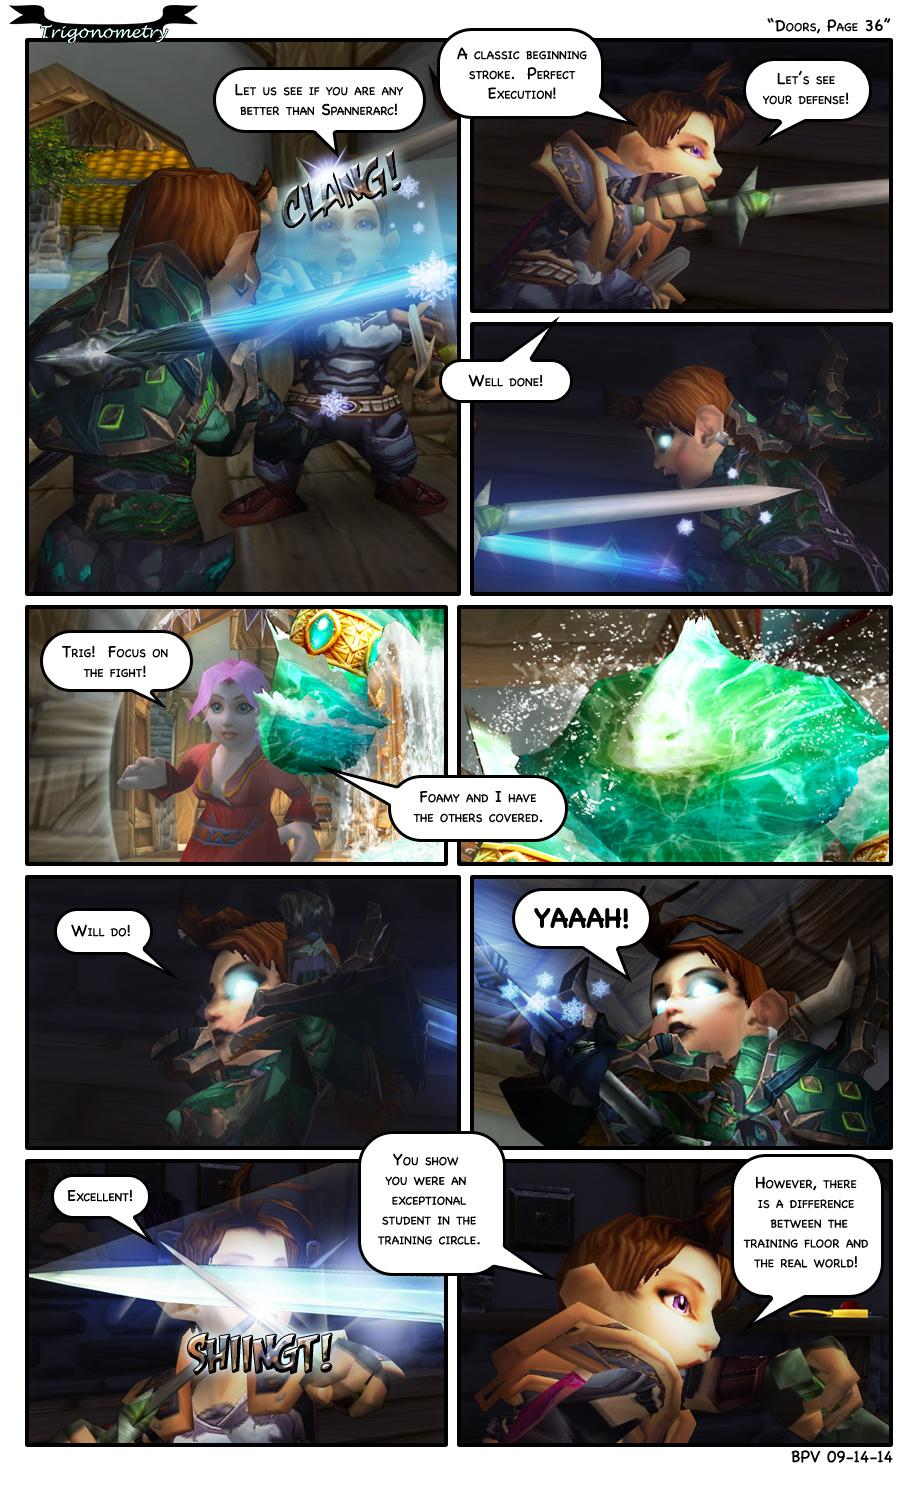 Doors, Page 36